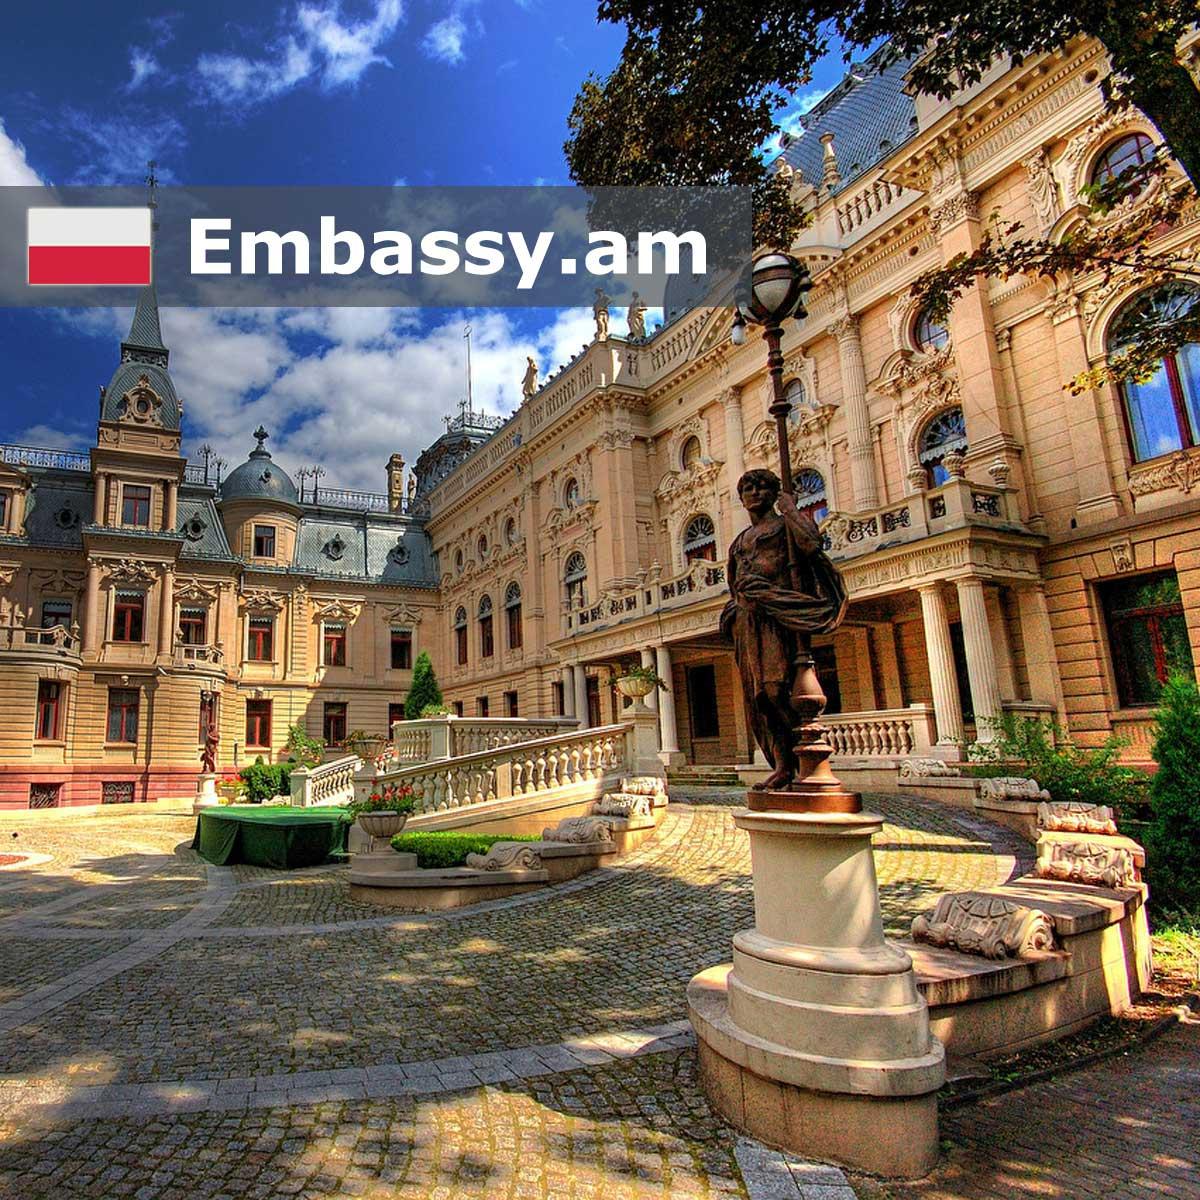 Лодзь - Отели в Польши - Embassy.am